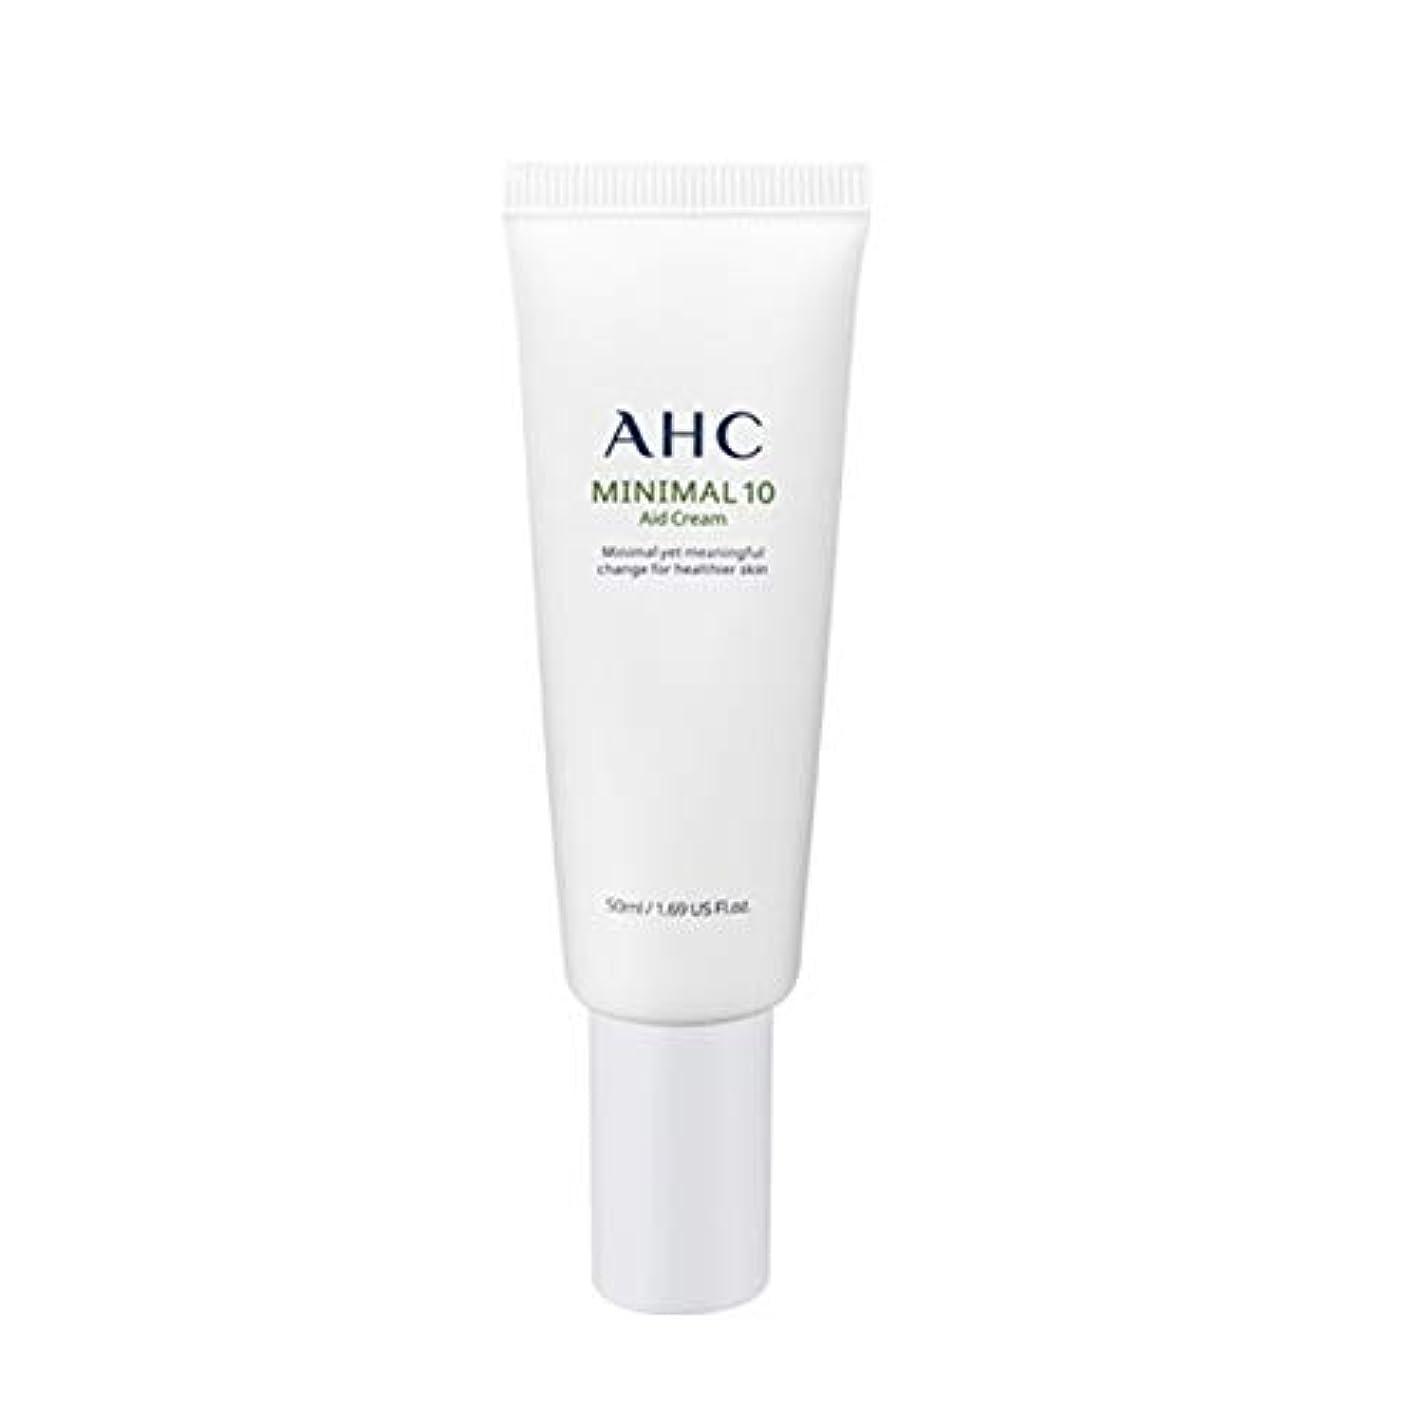 AHC ミニマル10エイドクリーム 50ml / AHC MINIMAL 10 AID CREAM 50ml [並行輸入品]